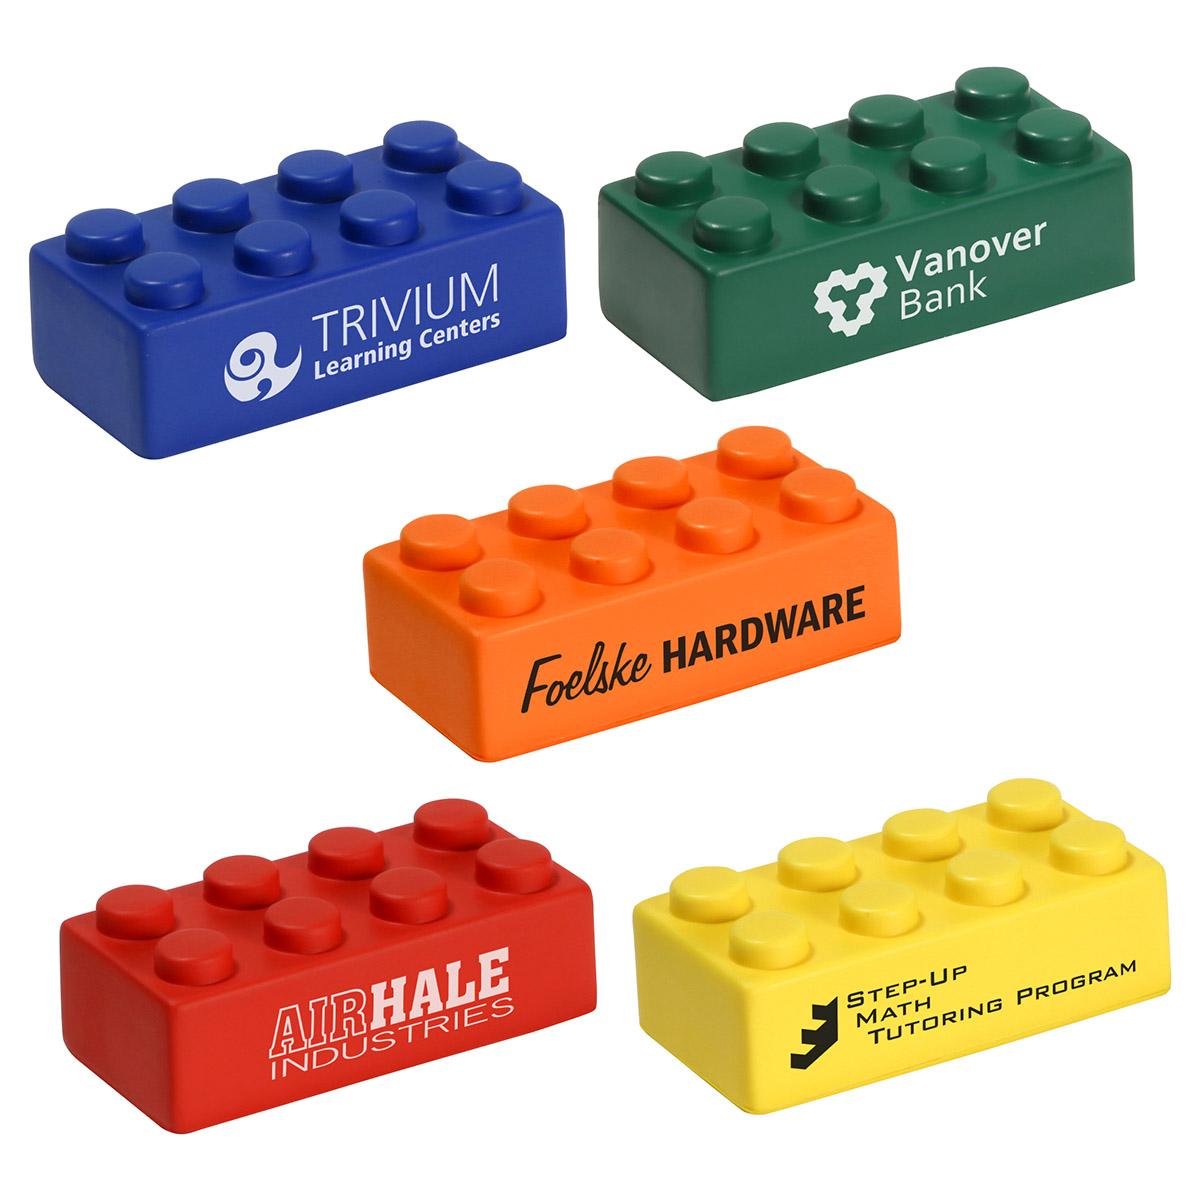 Single Building Block Stress Reliever, LGS-BL07 - 1 Colour Imprint